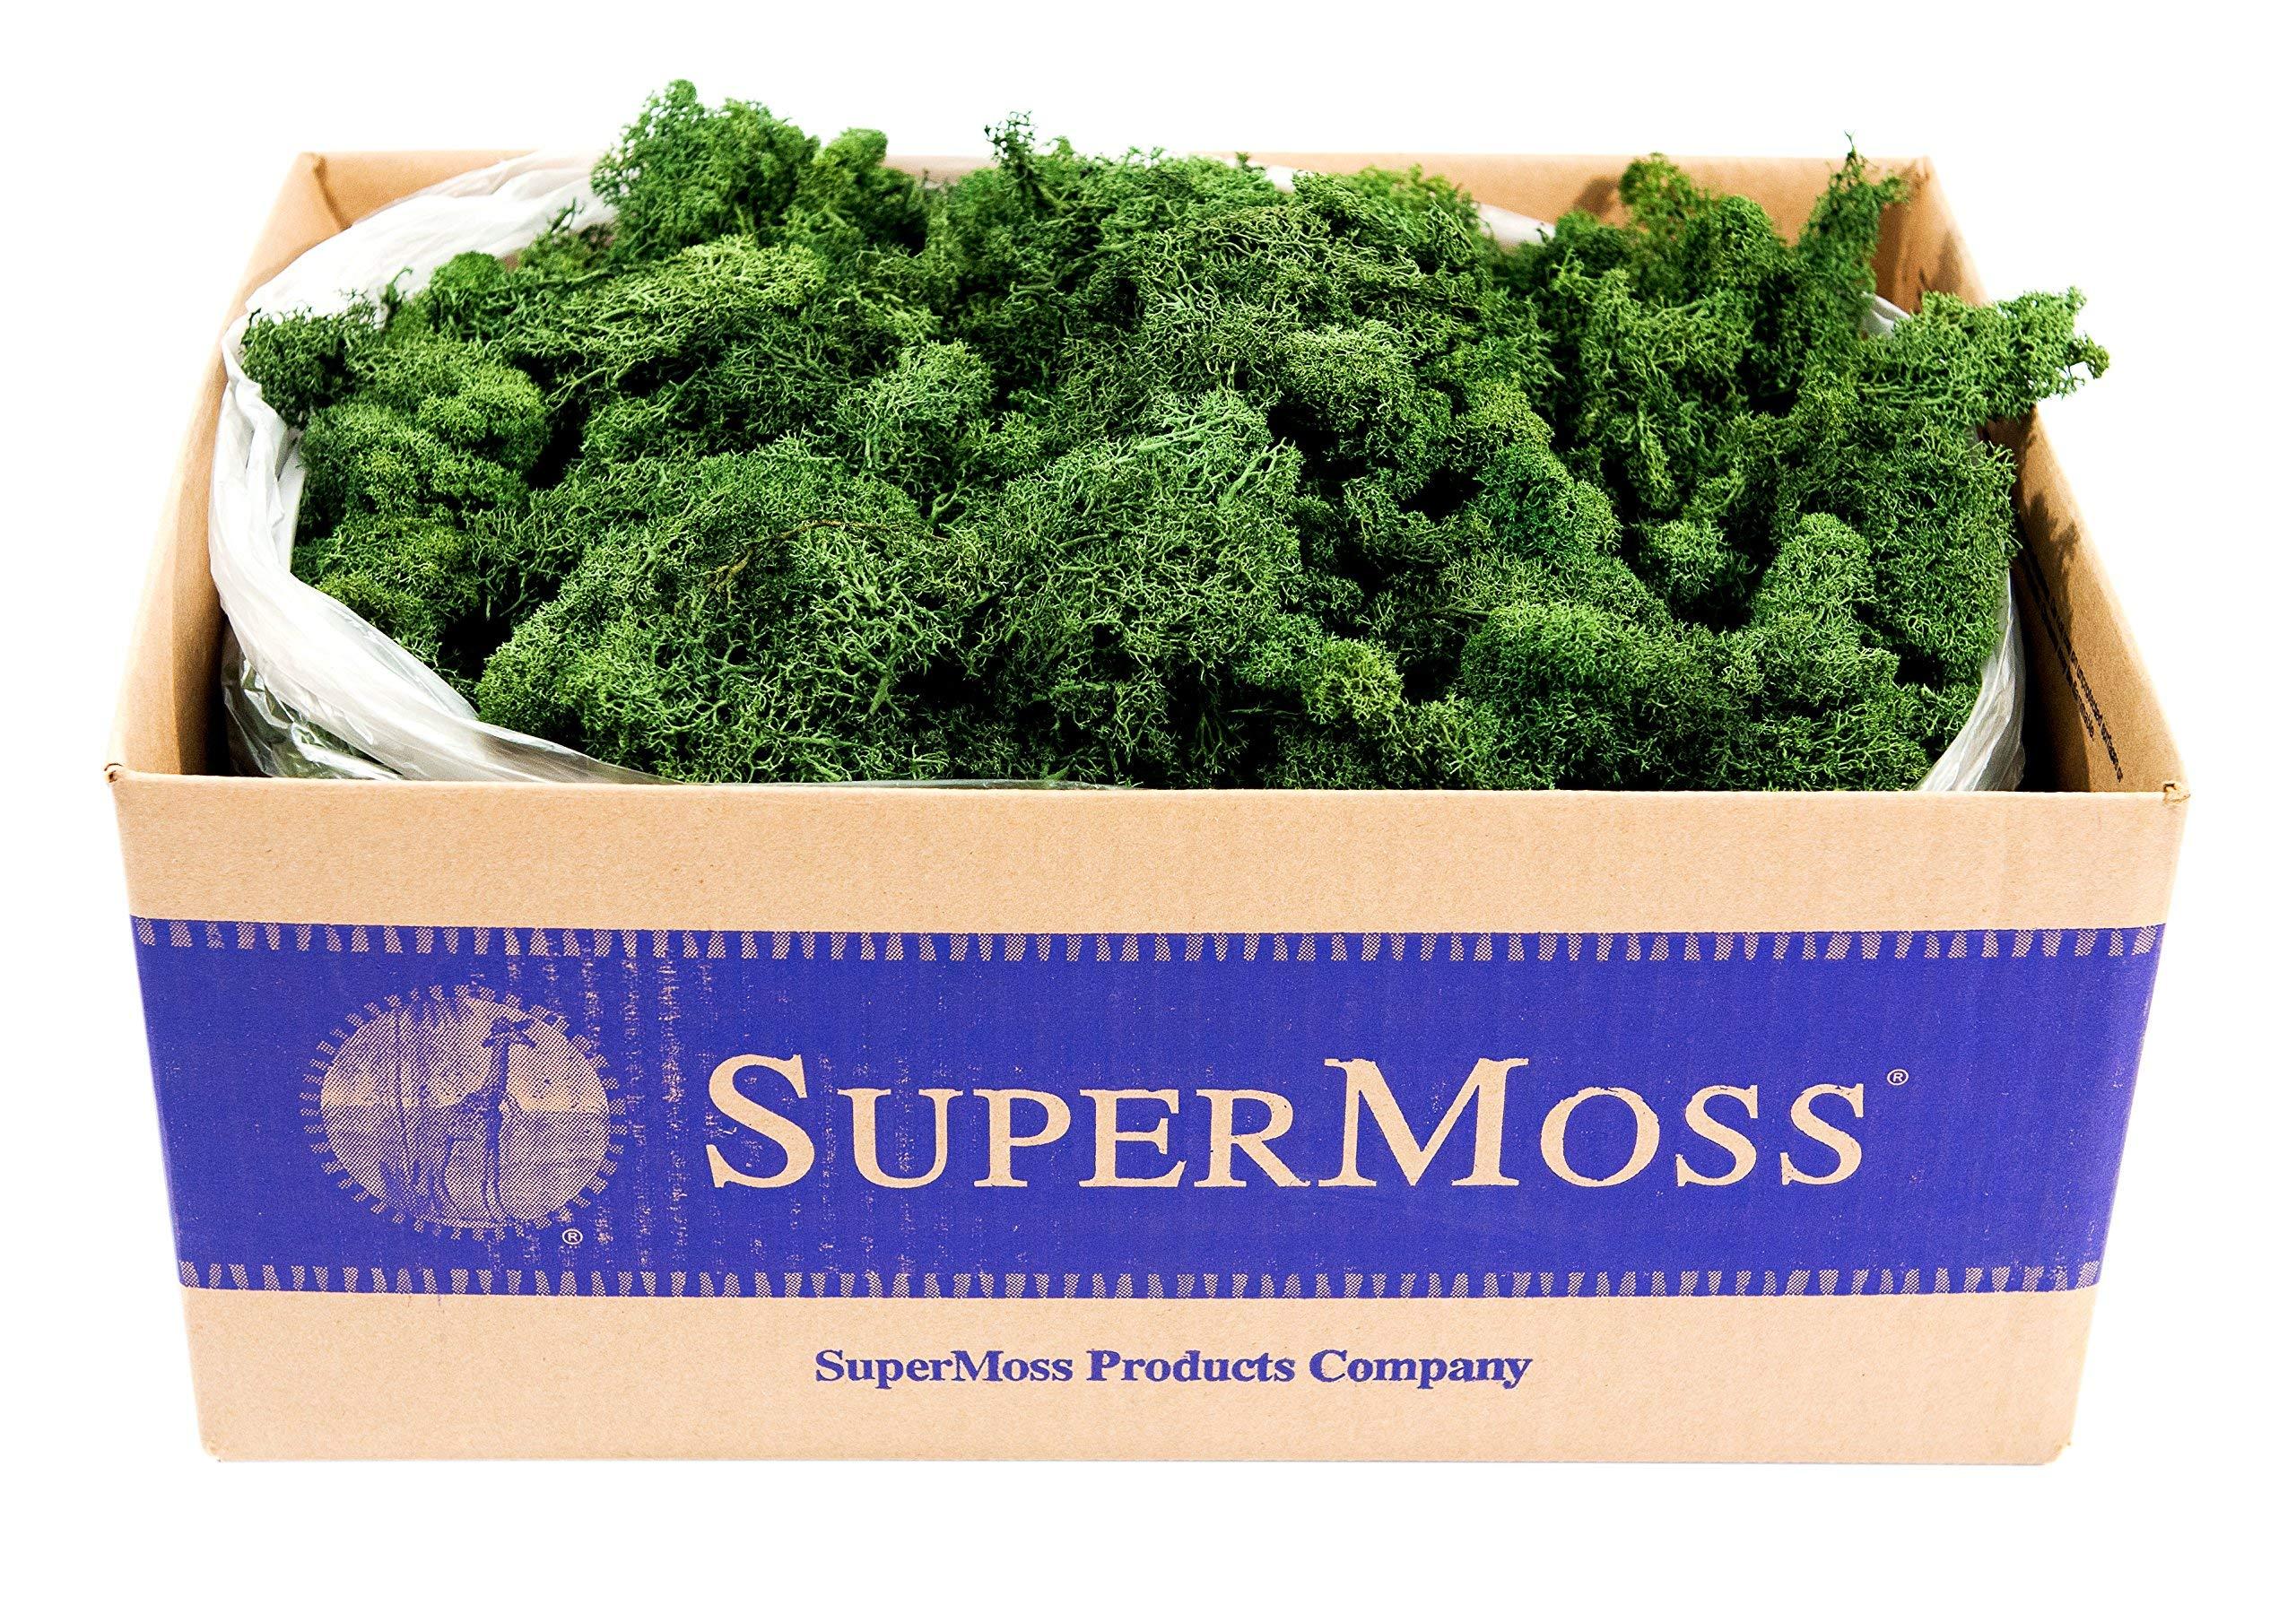 SuperMoss (21710) Reindeer Moss Preserved, Forest Green, 3lbs (Renewed)